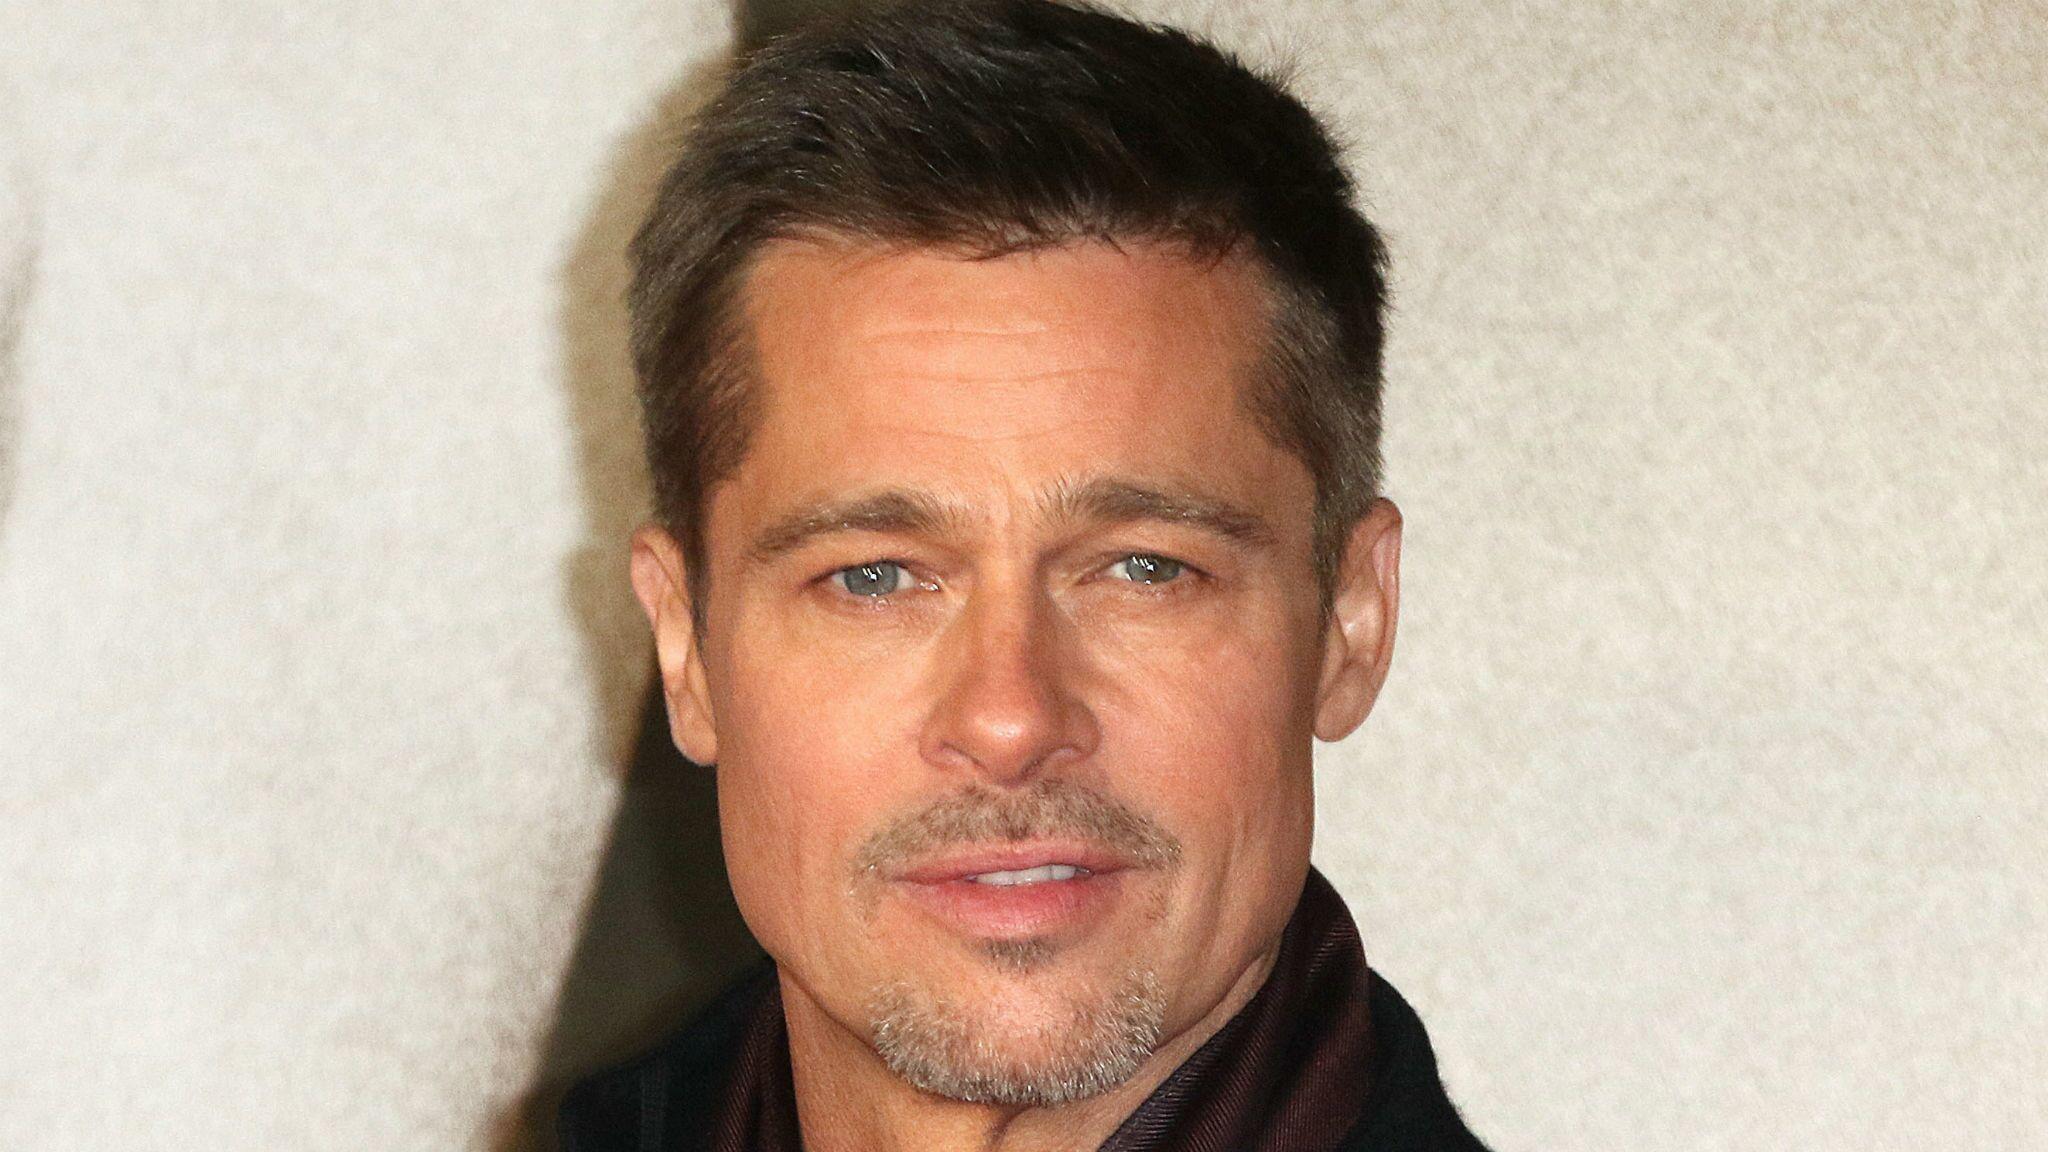 Brad Pitt Grillé Il A été Aperçu à La Fête Danniversaire Dune